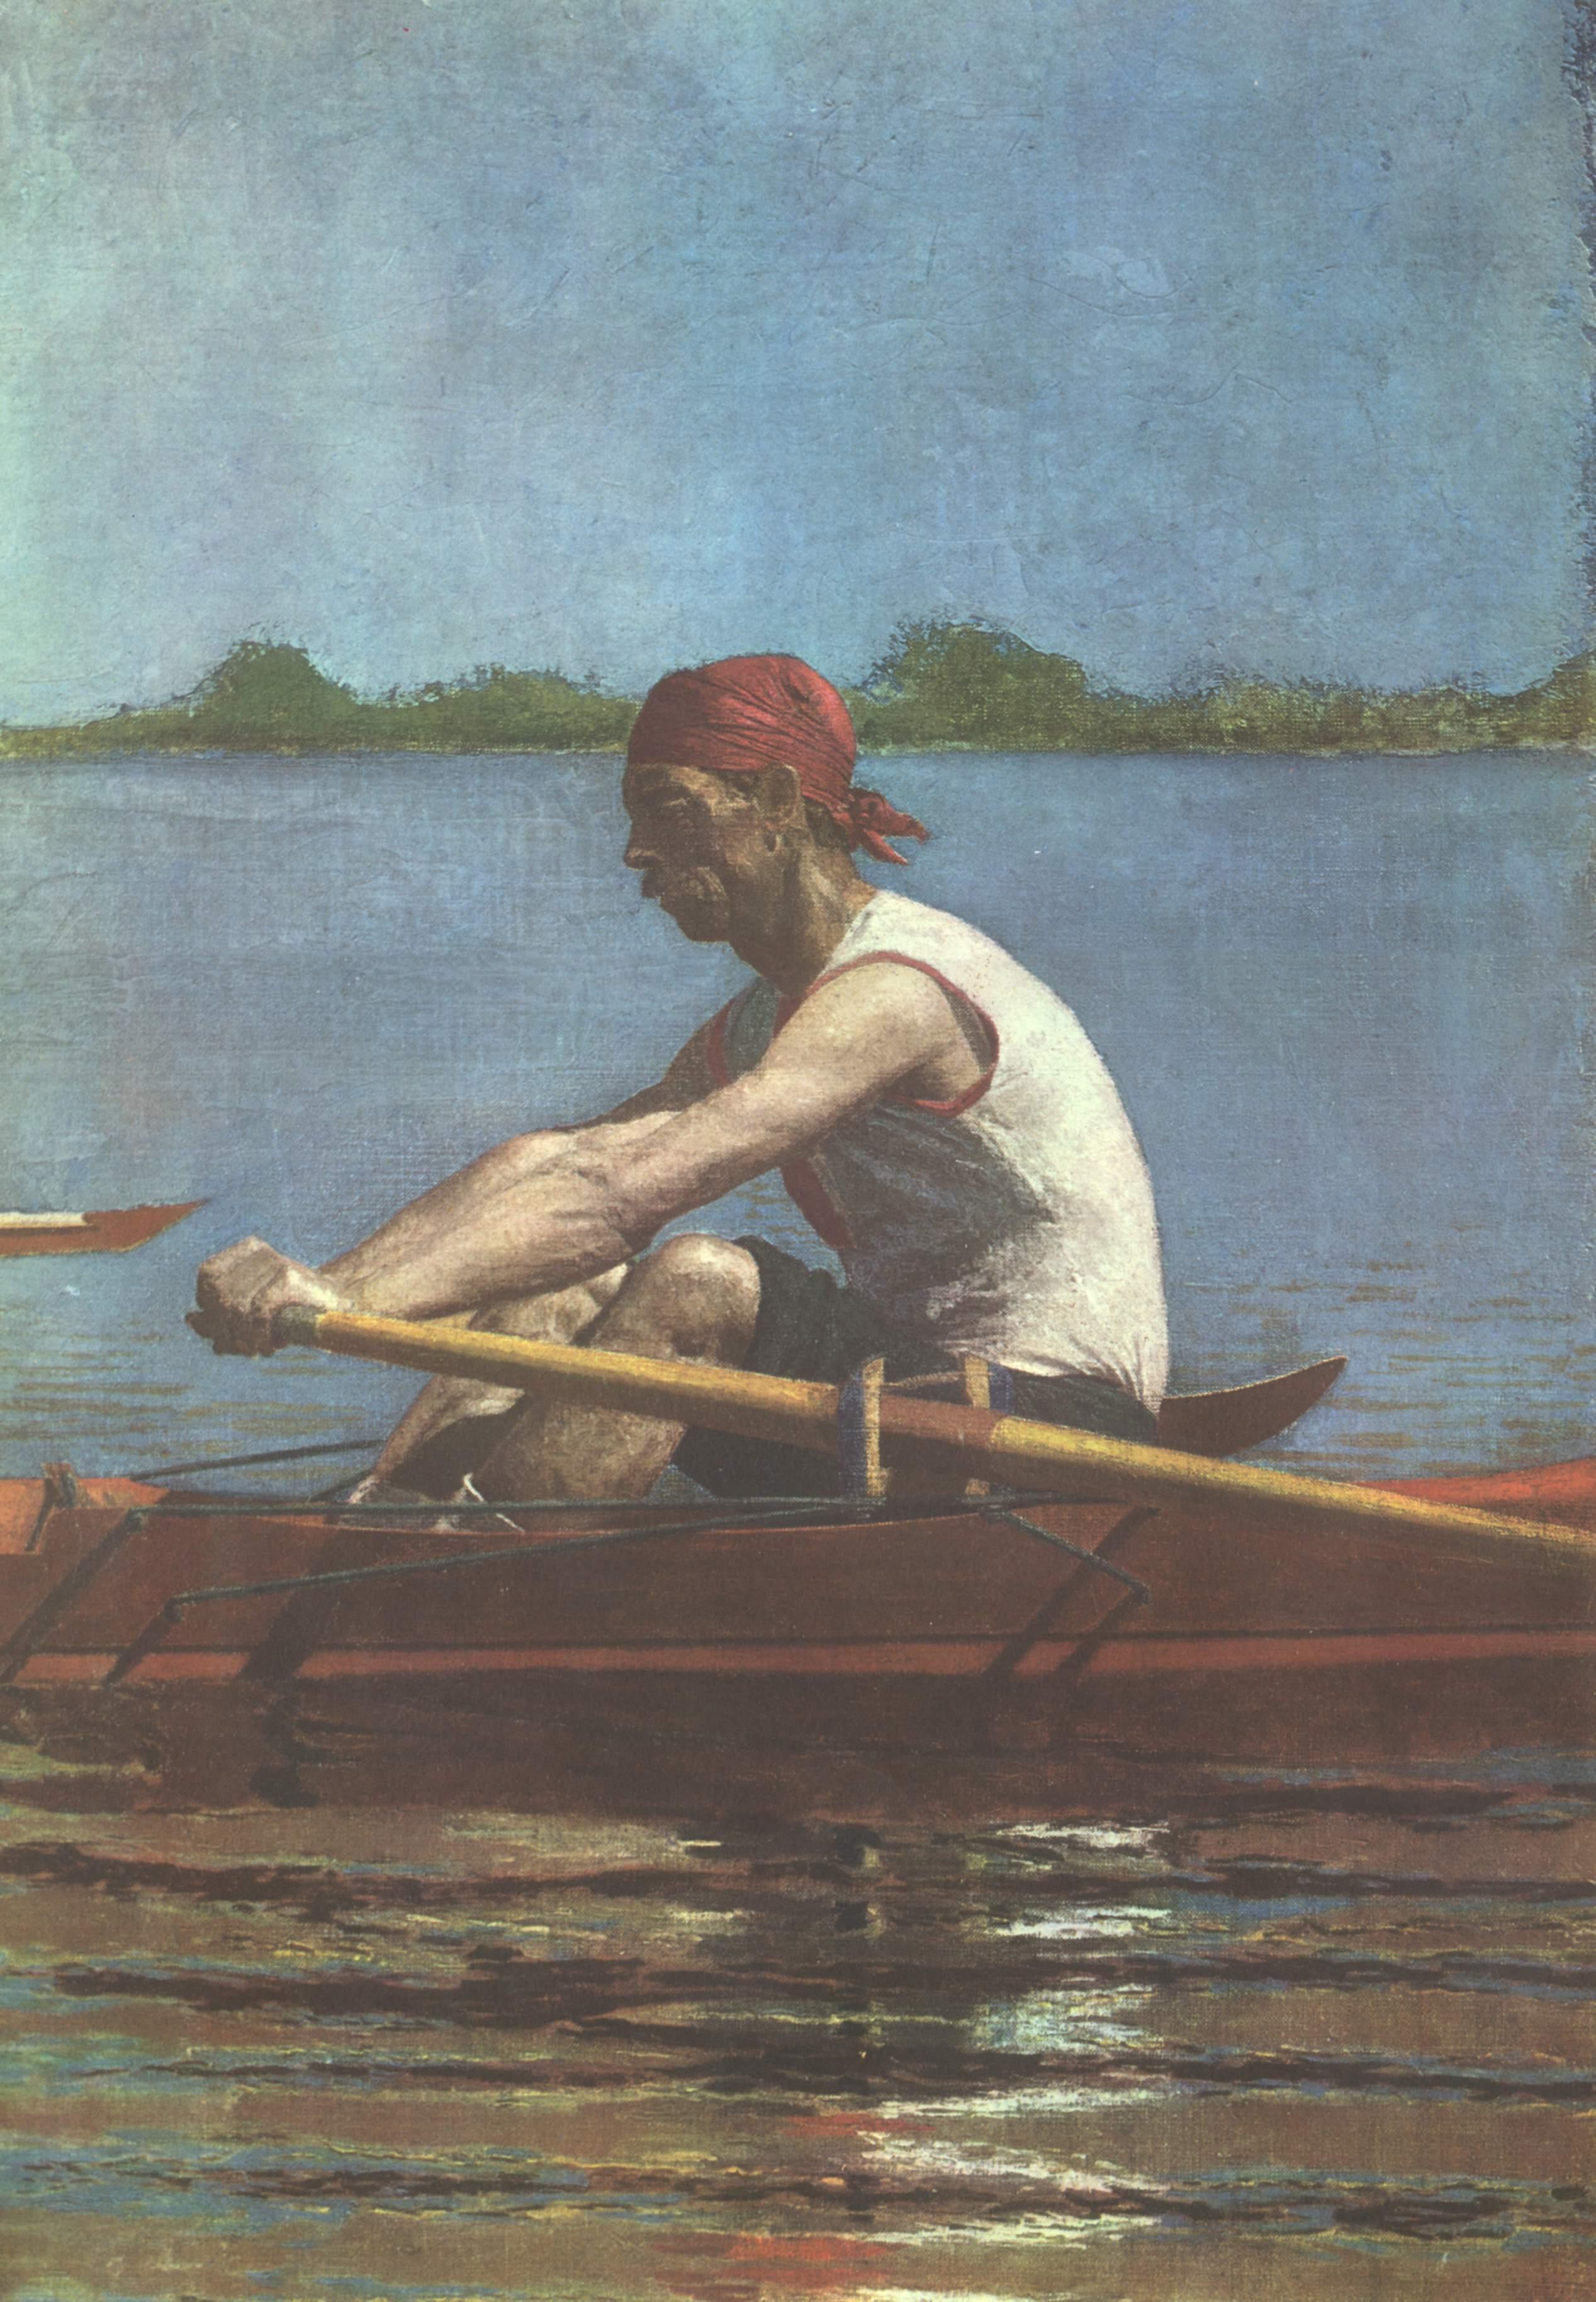 Джон Биглен на веслах в одноместной лодке, Икинс Томас